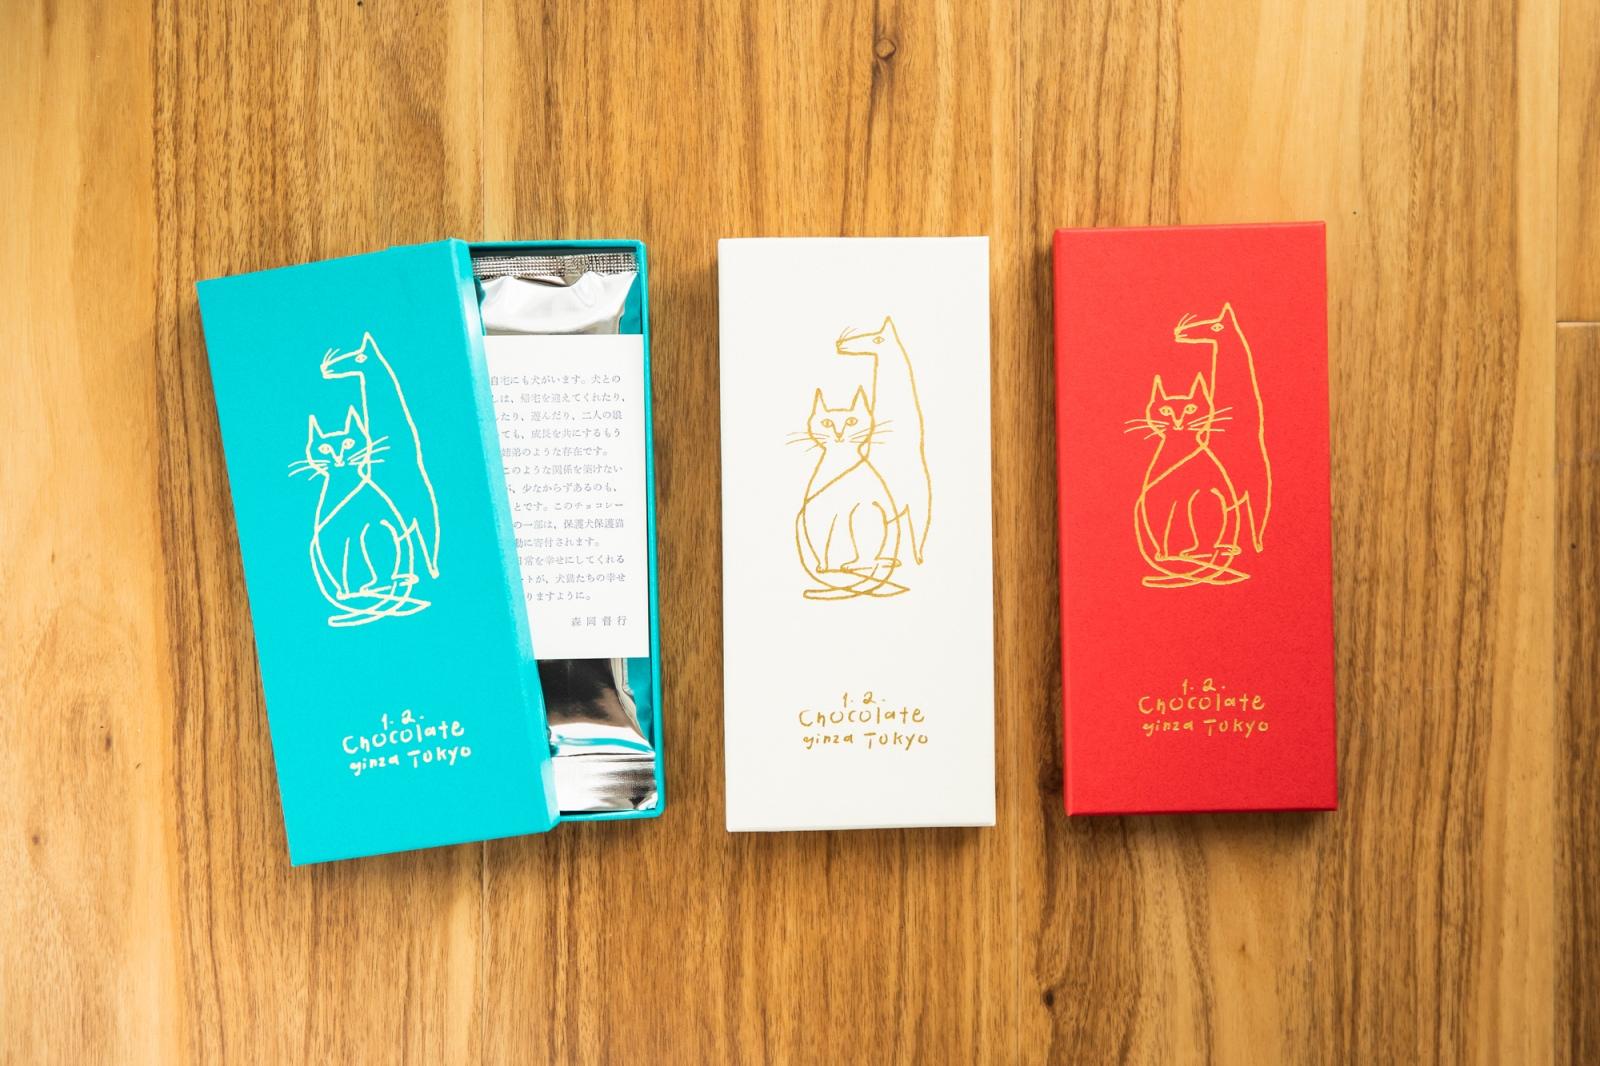 森岡督行連載 文化とチョコレートの美味しい話 vol.2 イラストレーター山口洋佑さん